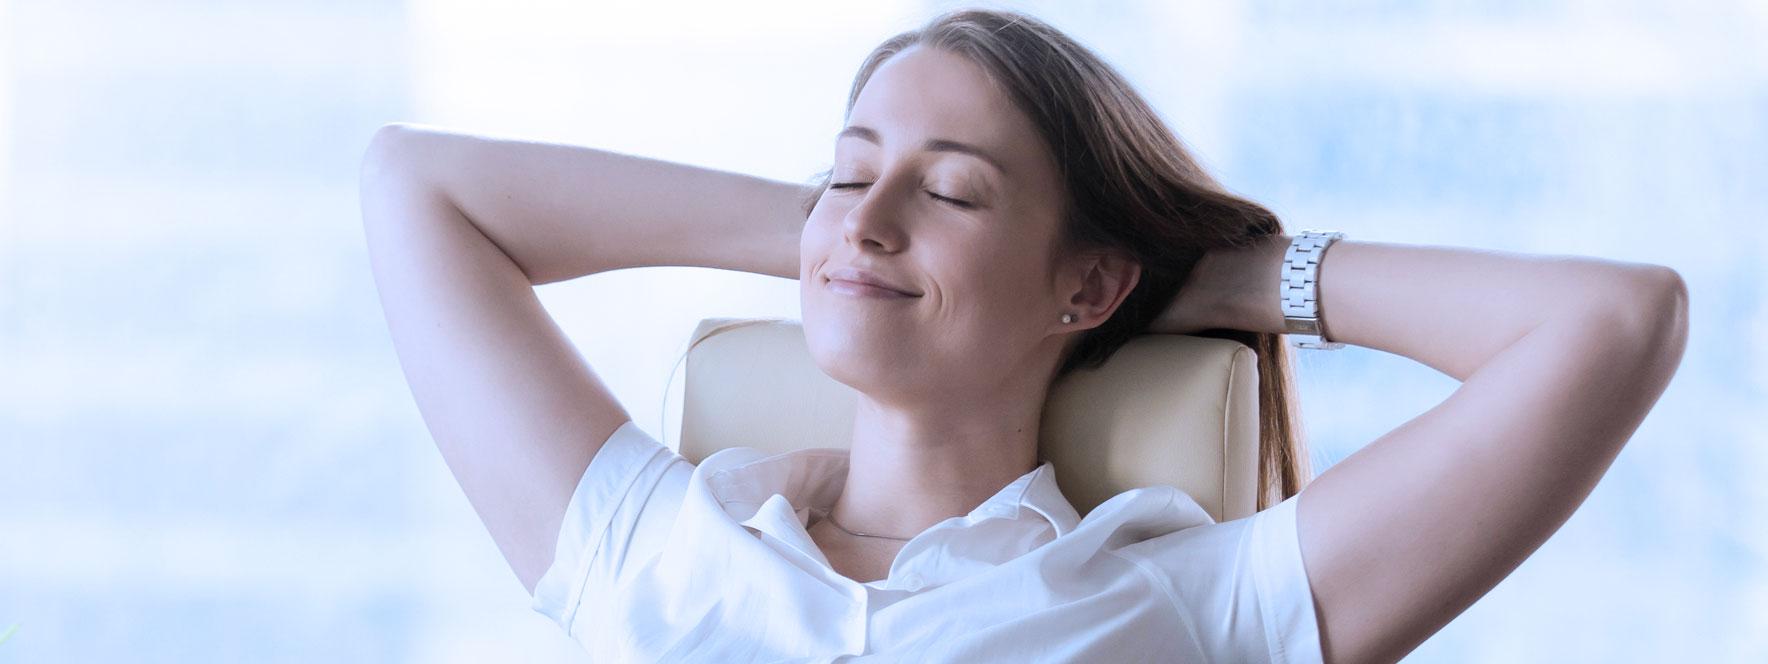 Respirer pour gérer votre stress - Blogue du Réseau